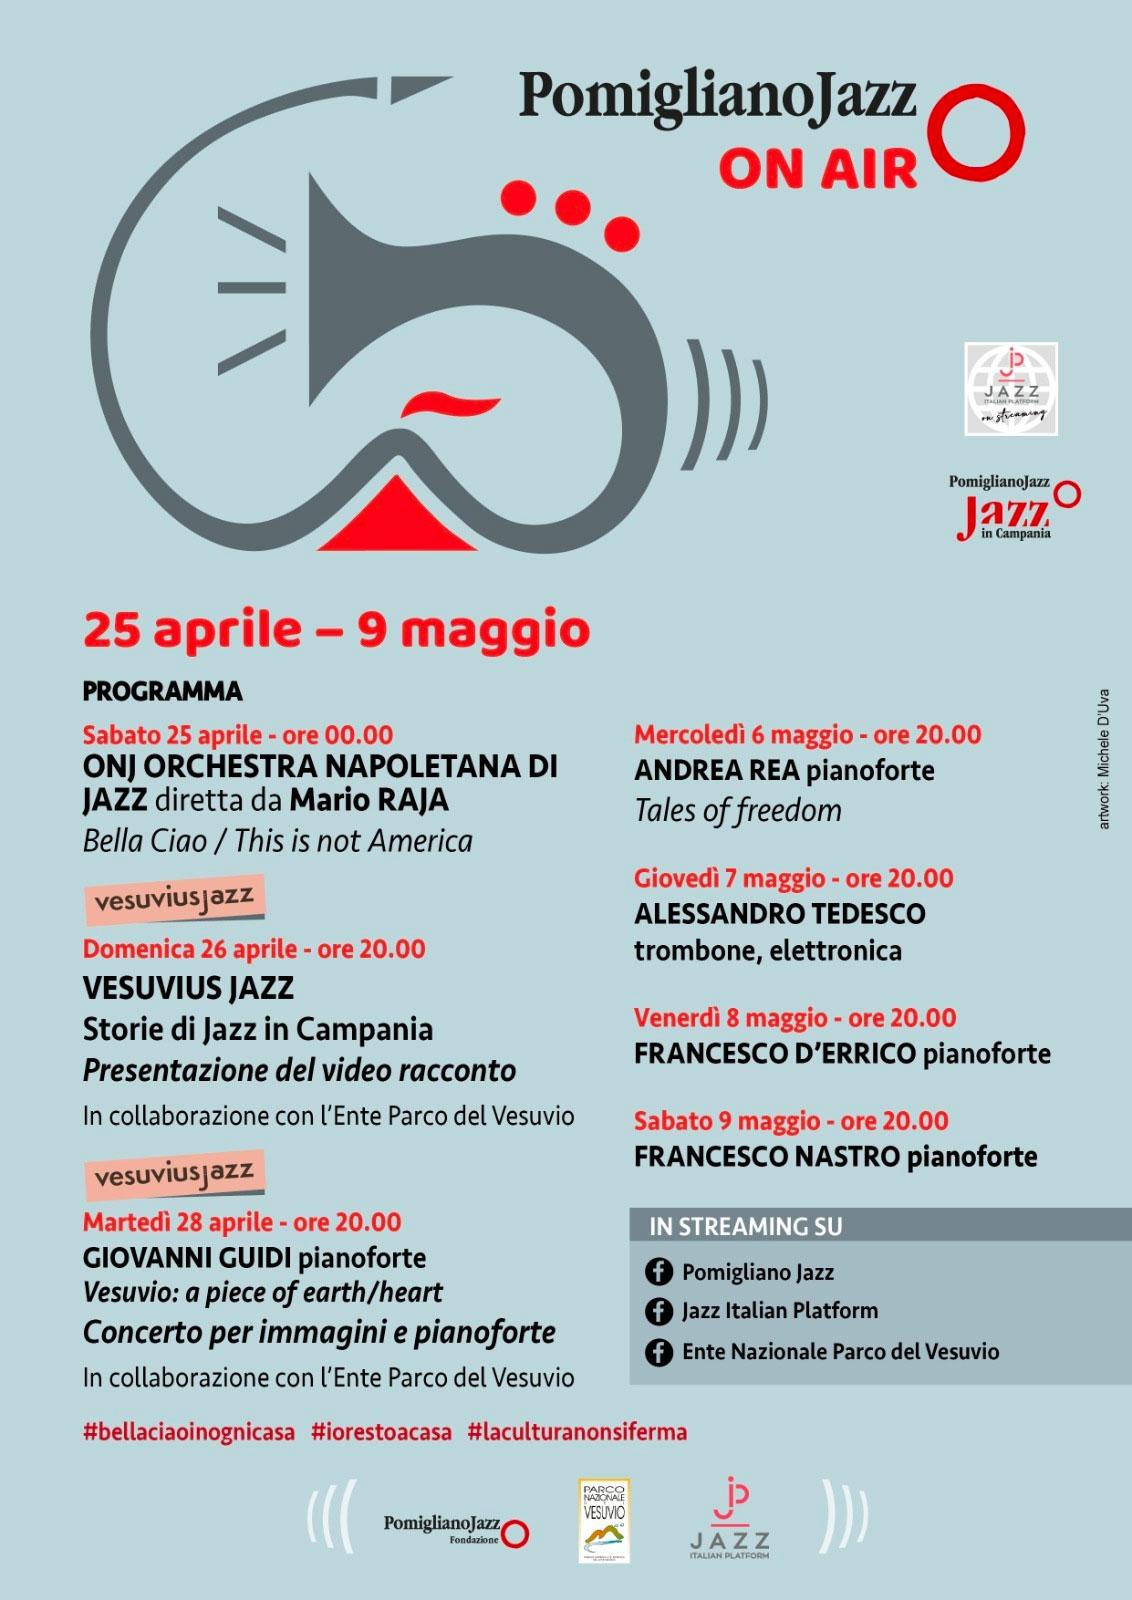 Pomigliano Jazz on air | Parco Nazionale del Vesuvio